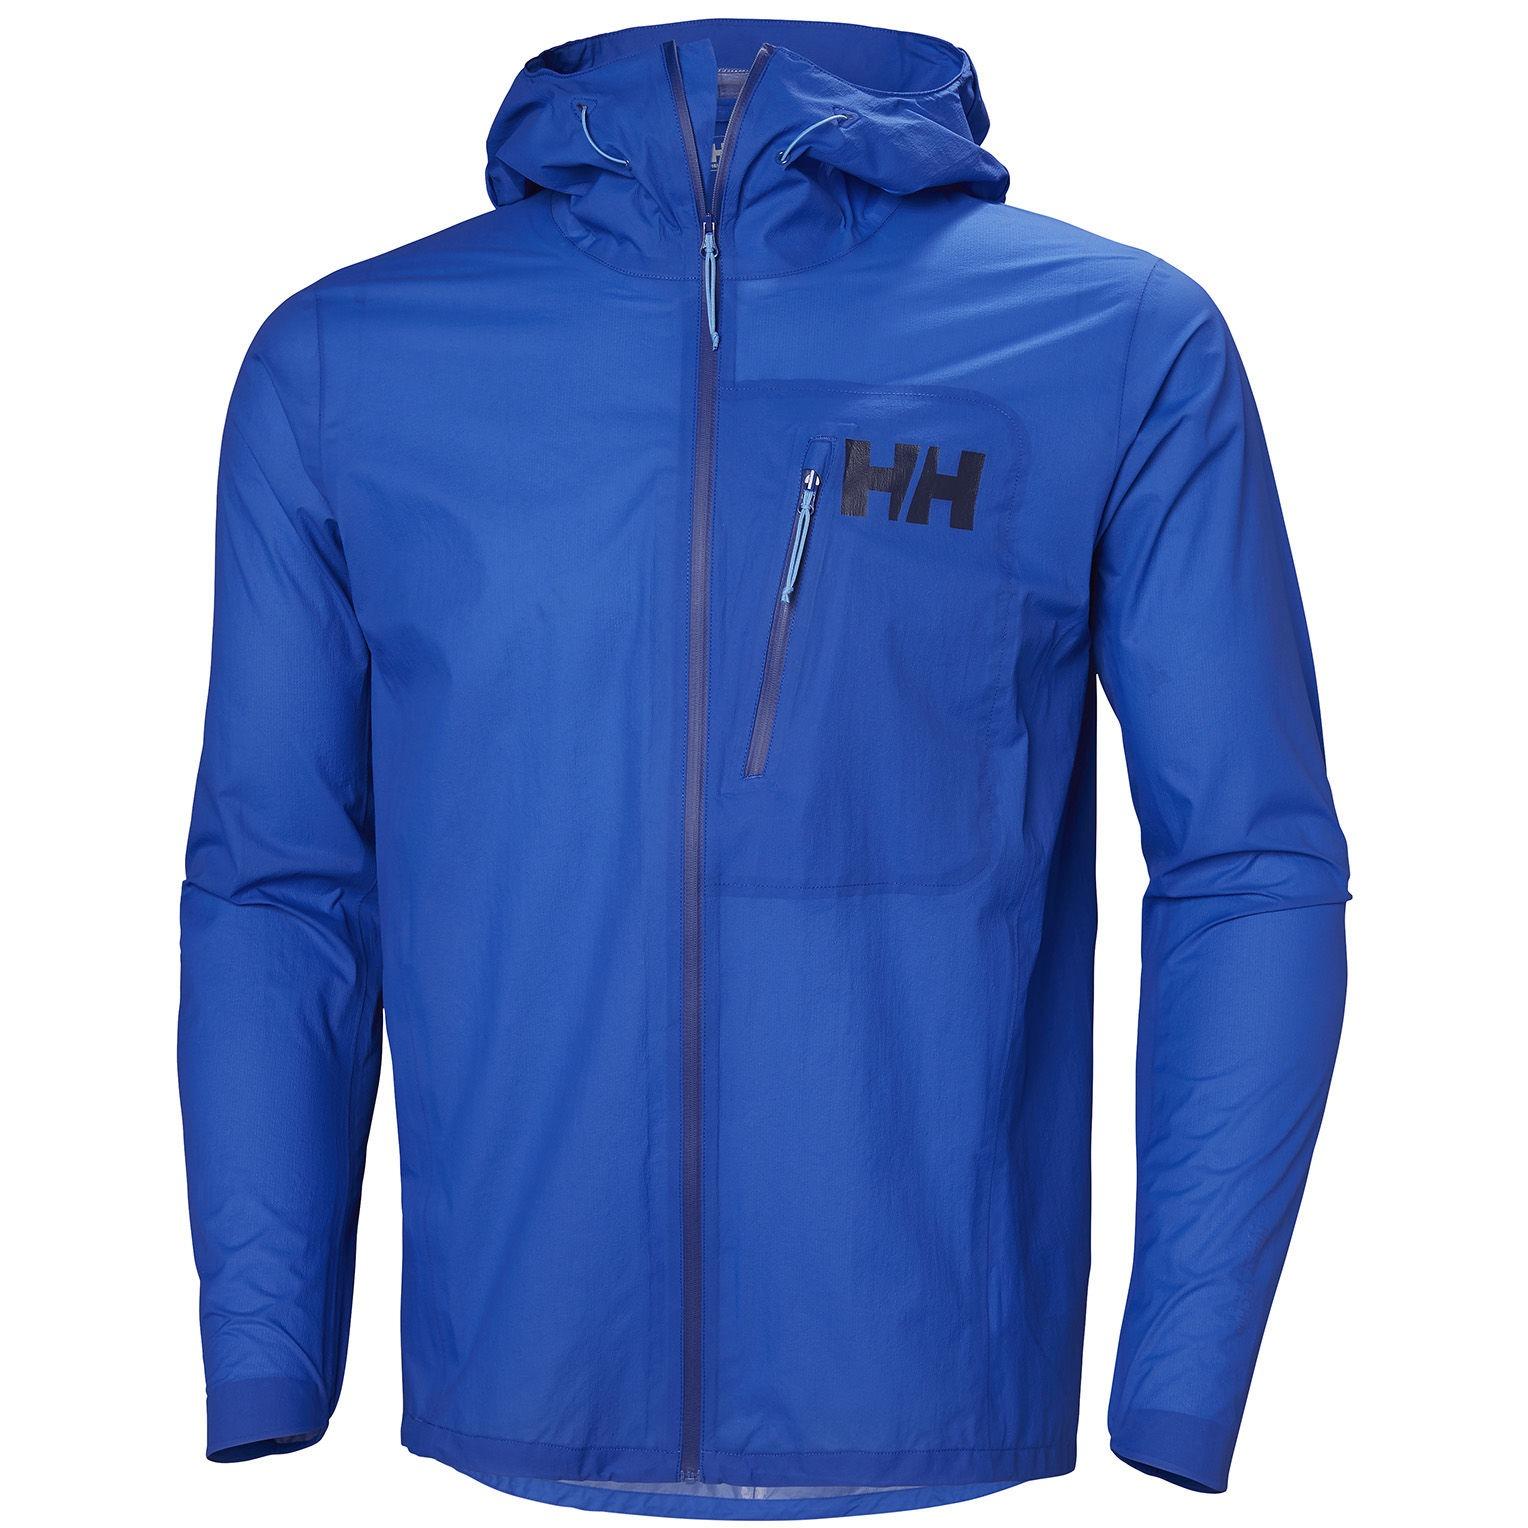 Braasport Helly Hansen Odin Minimalist 2.0 Jacket